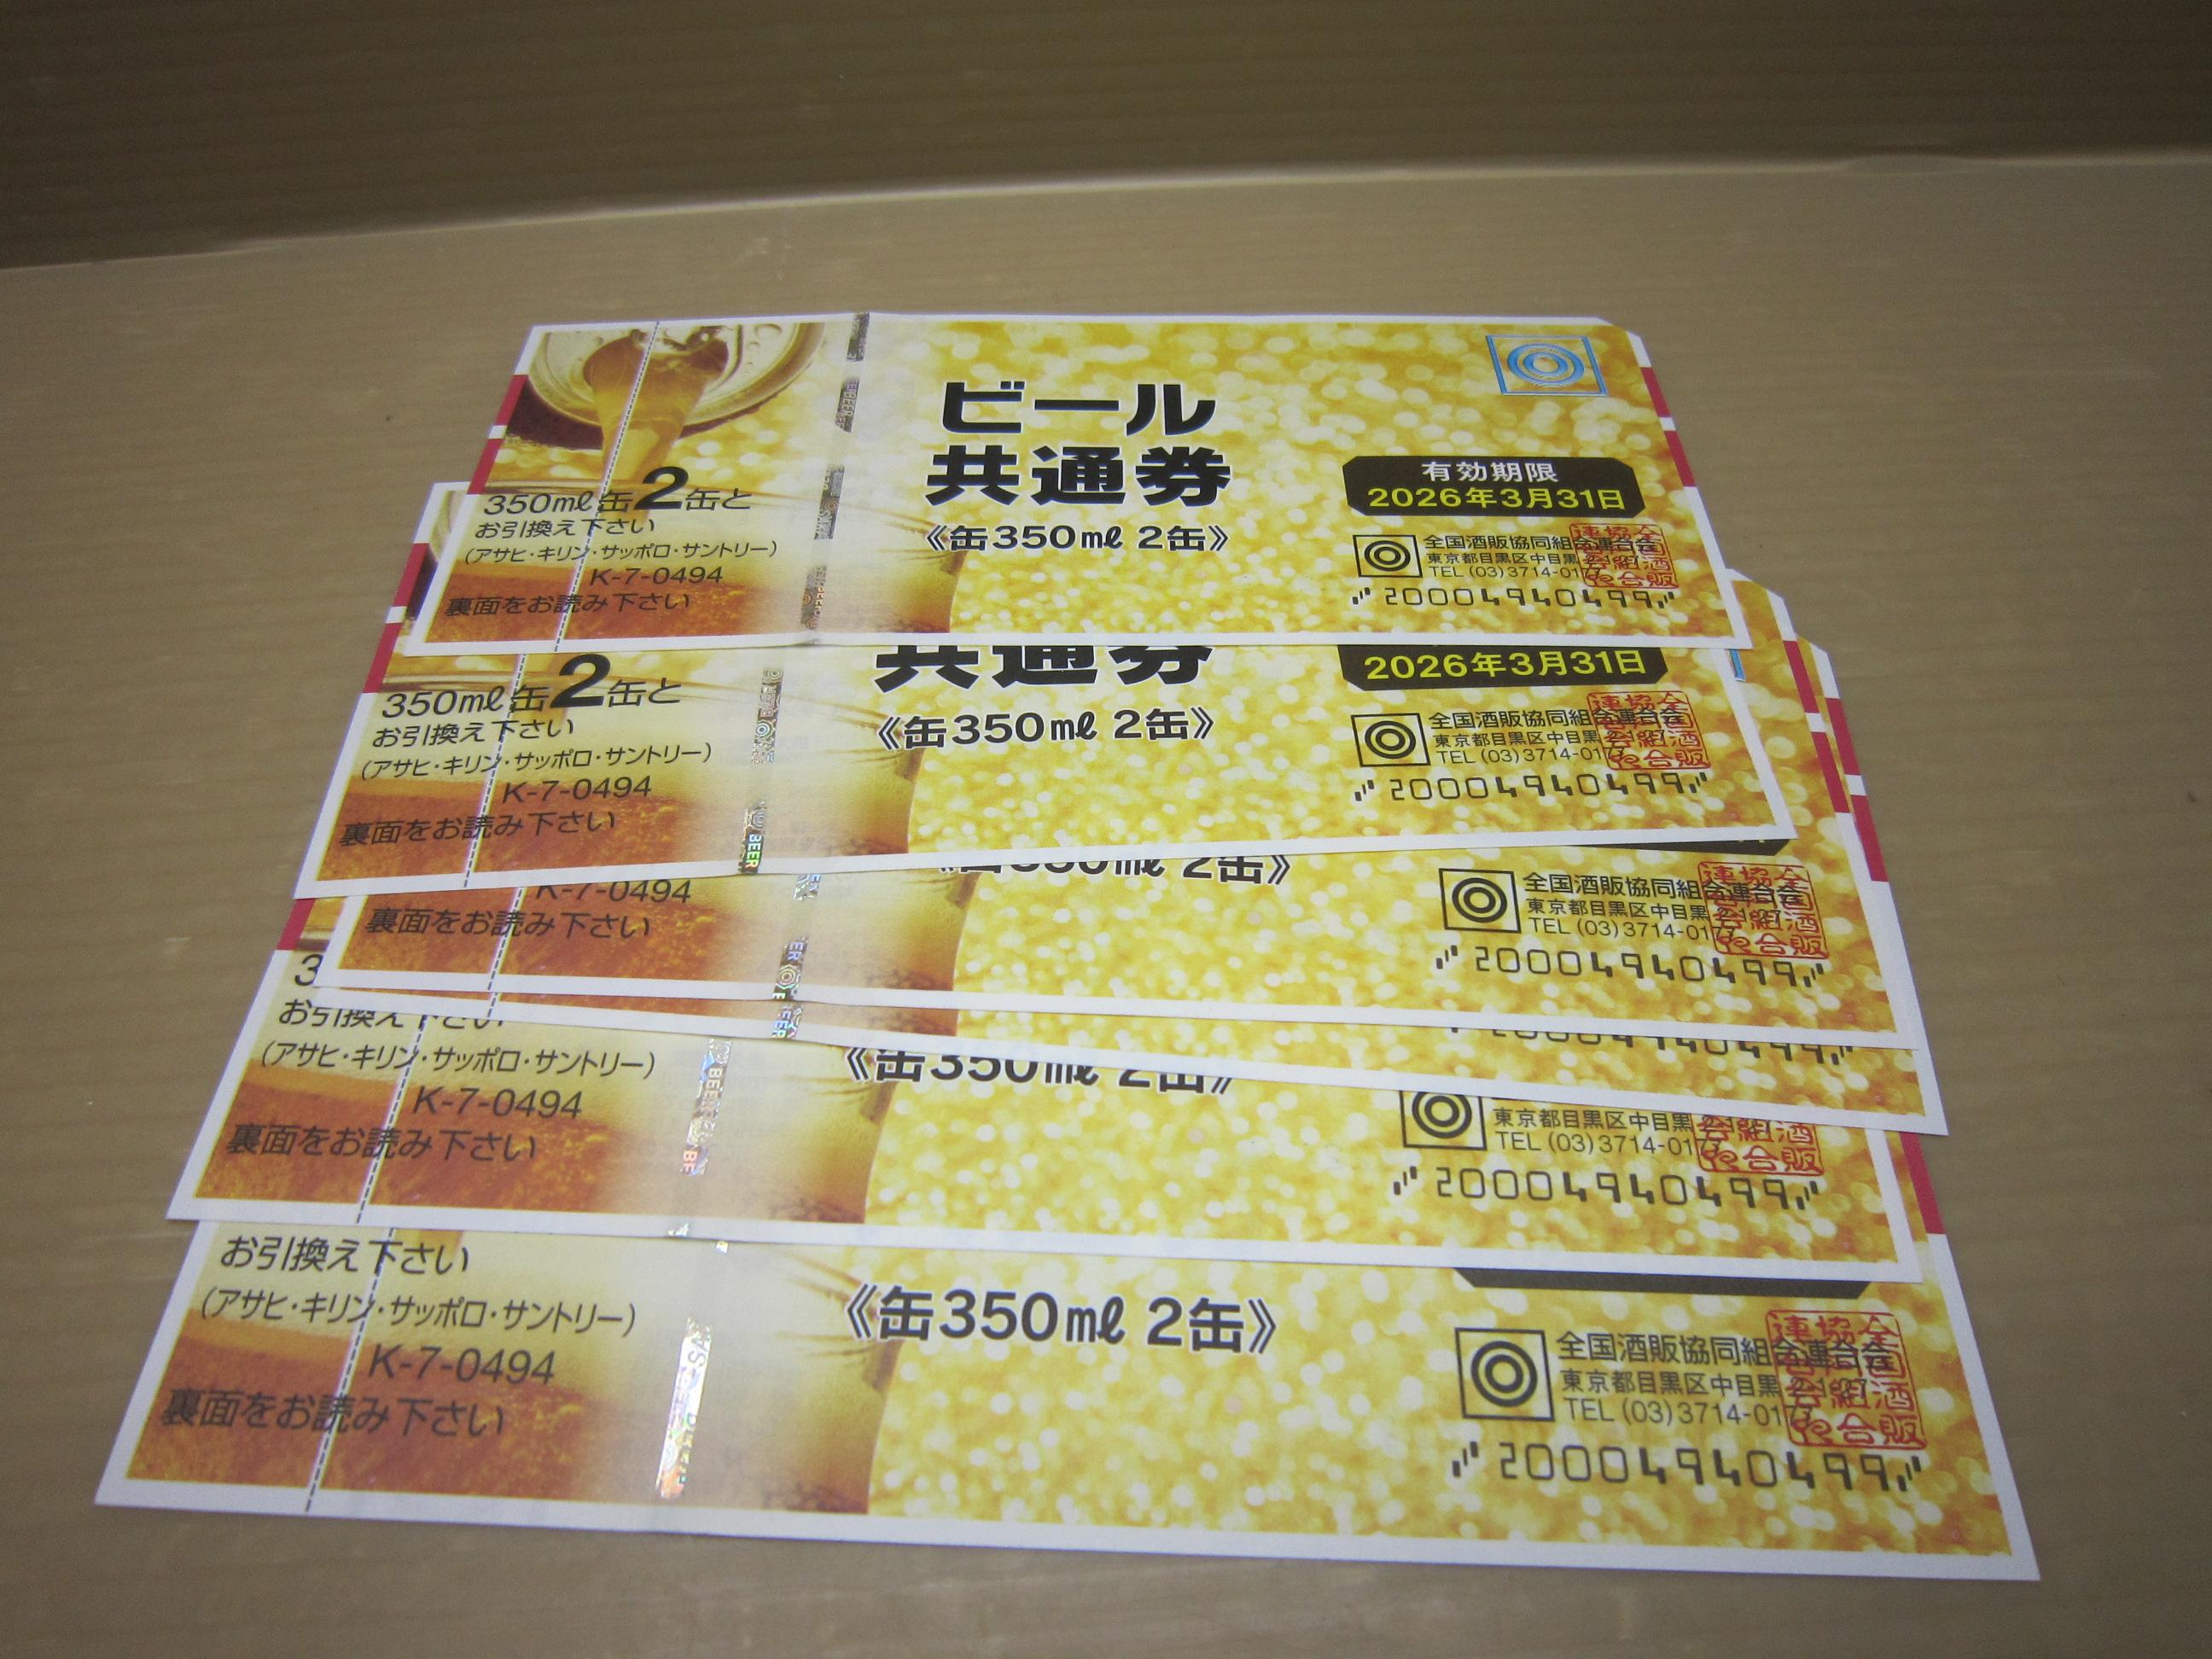 5ae24f43476c ジャム鳥取店|ビール共通券 缶350ml×2缶494をお売りいただきました。使わ ...